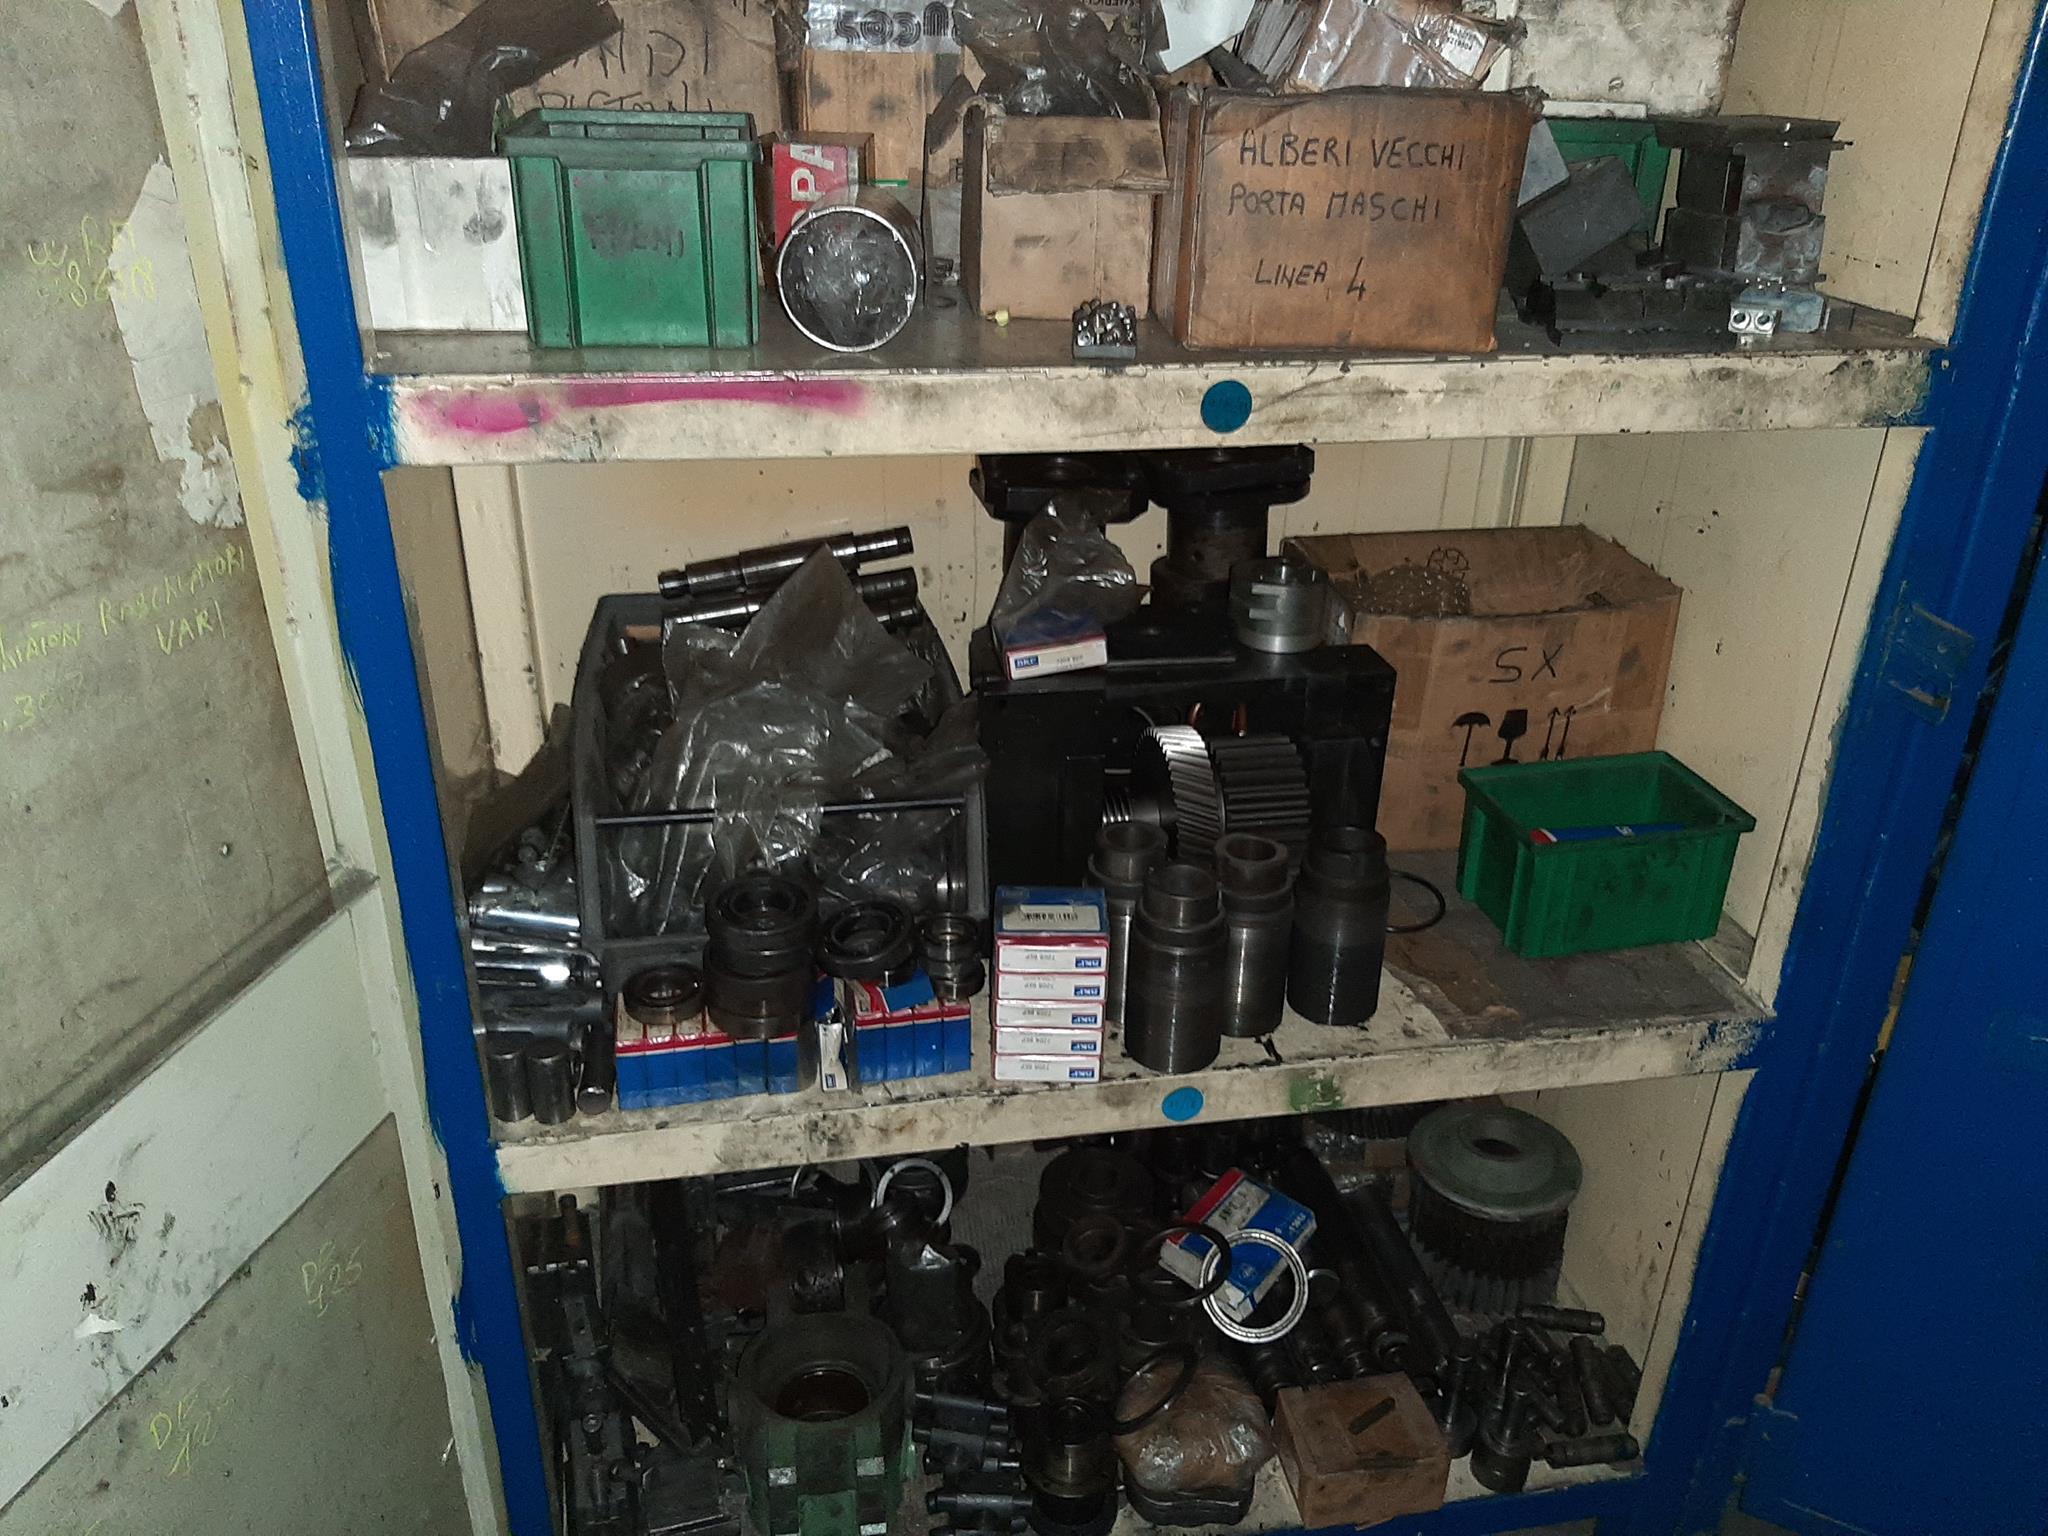 Parti ricambio per presse, colonne, macchinari utensili in vendita - foto 4